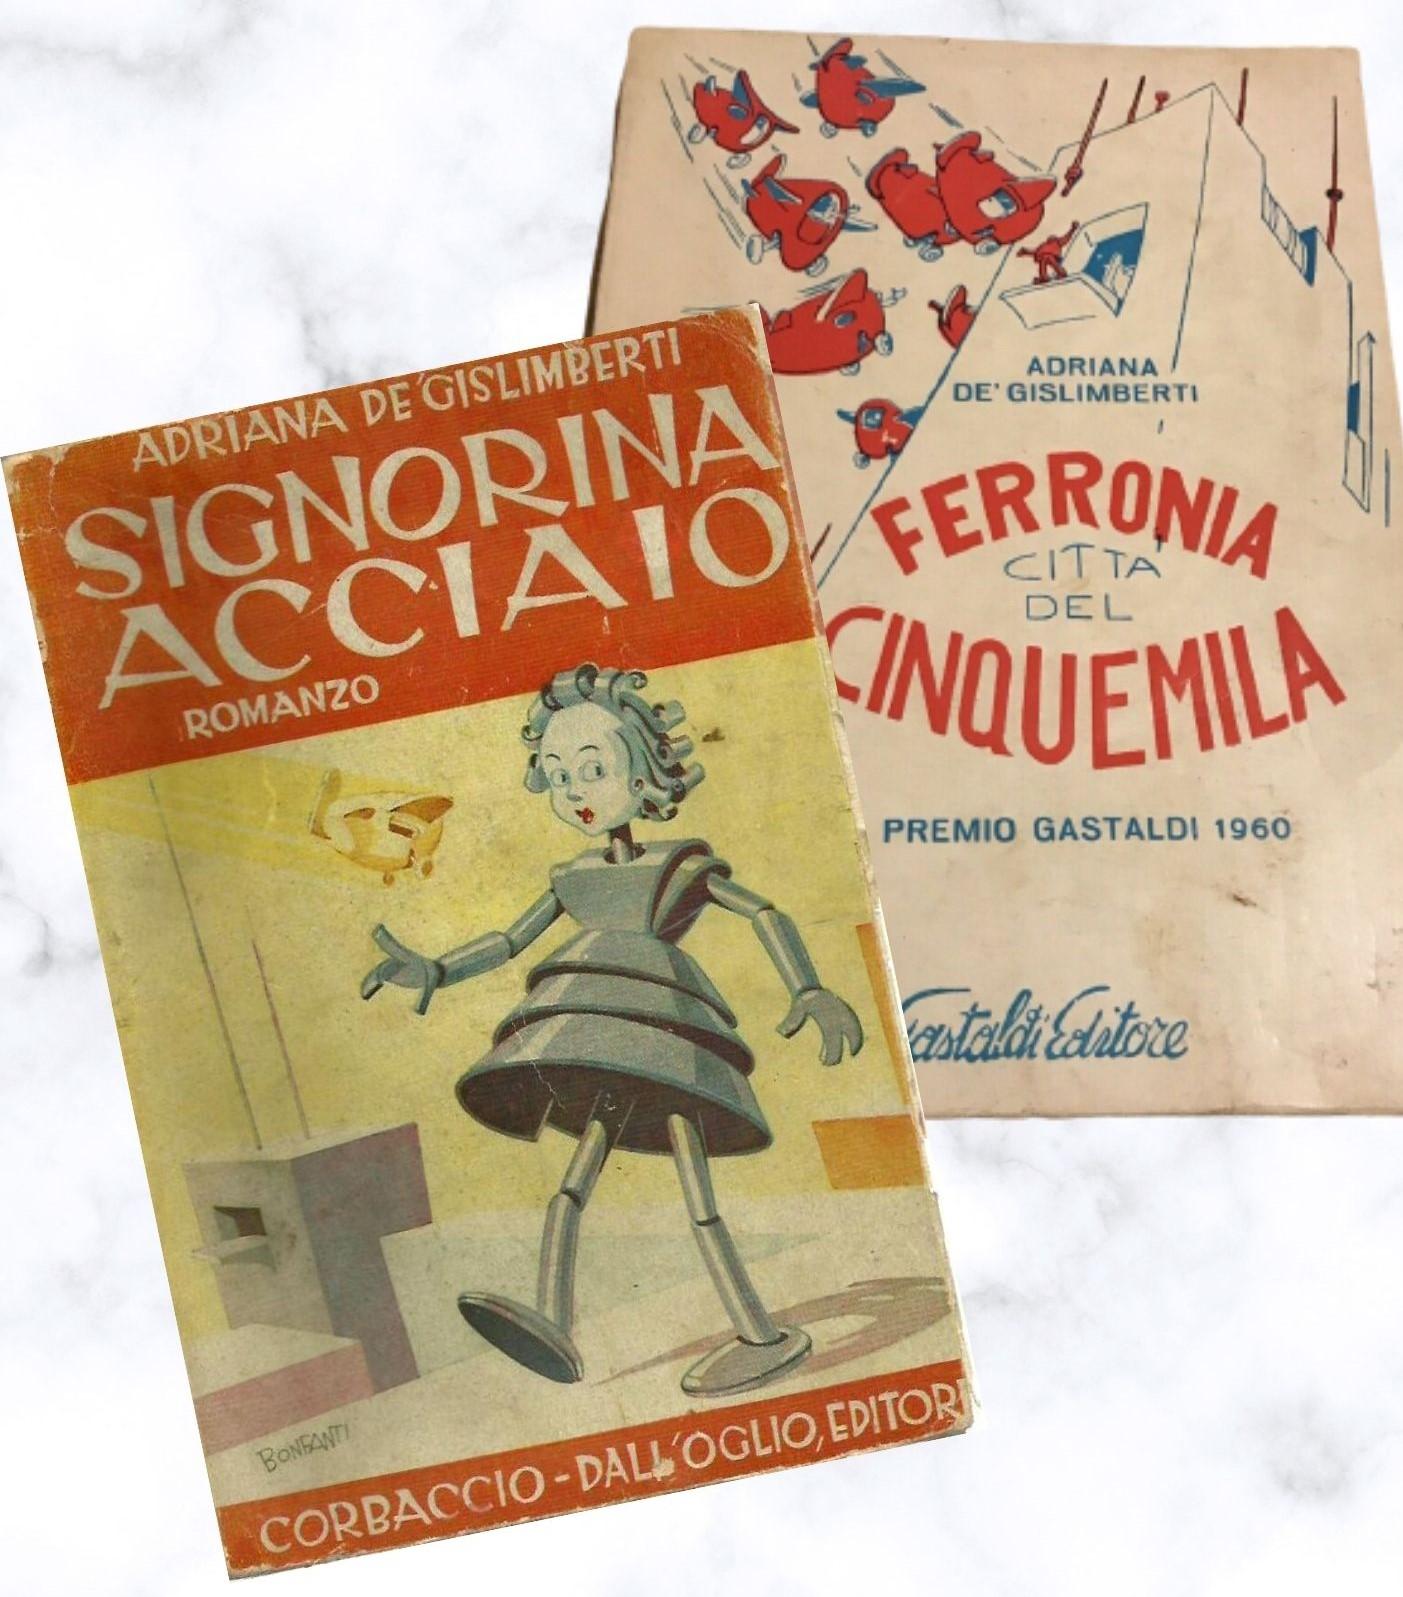 """""""Signorina Acciaio"""" e """"Ferronia città del Cinquemila"""": due romanzi di genere fantastico di Adriana De Gislimberti (anni '40 e '60)"""